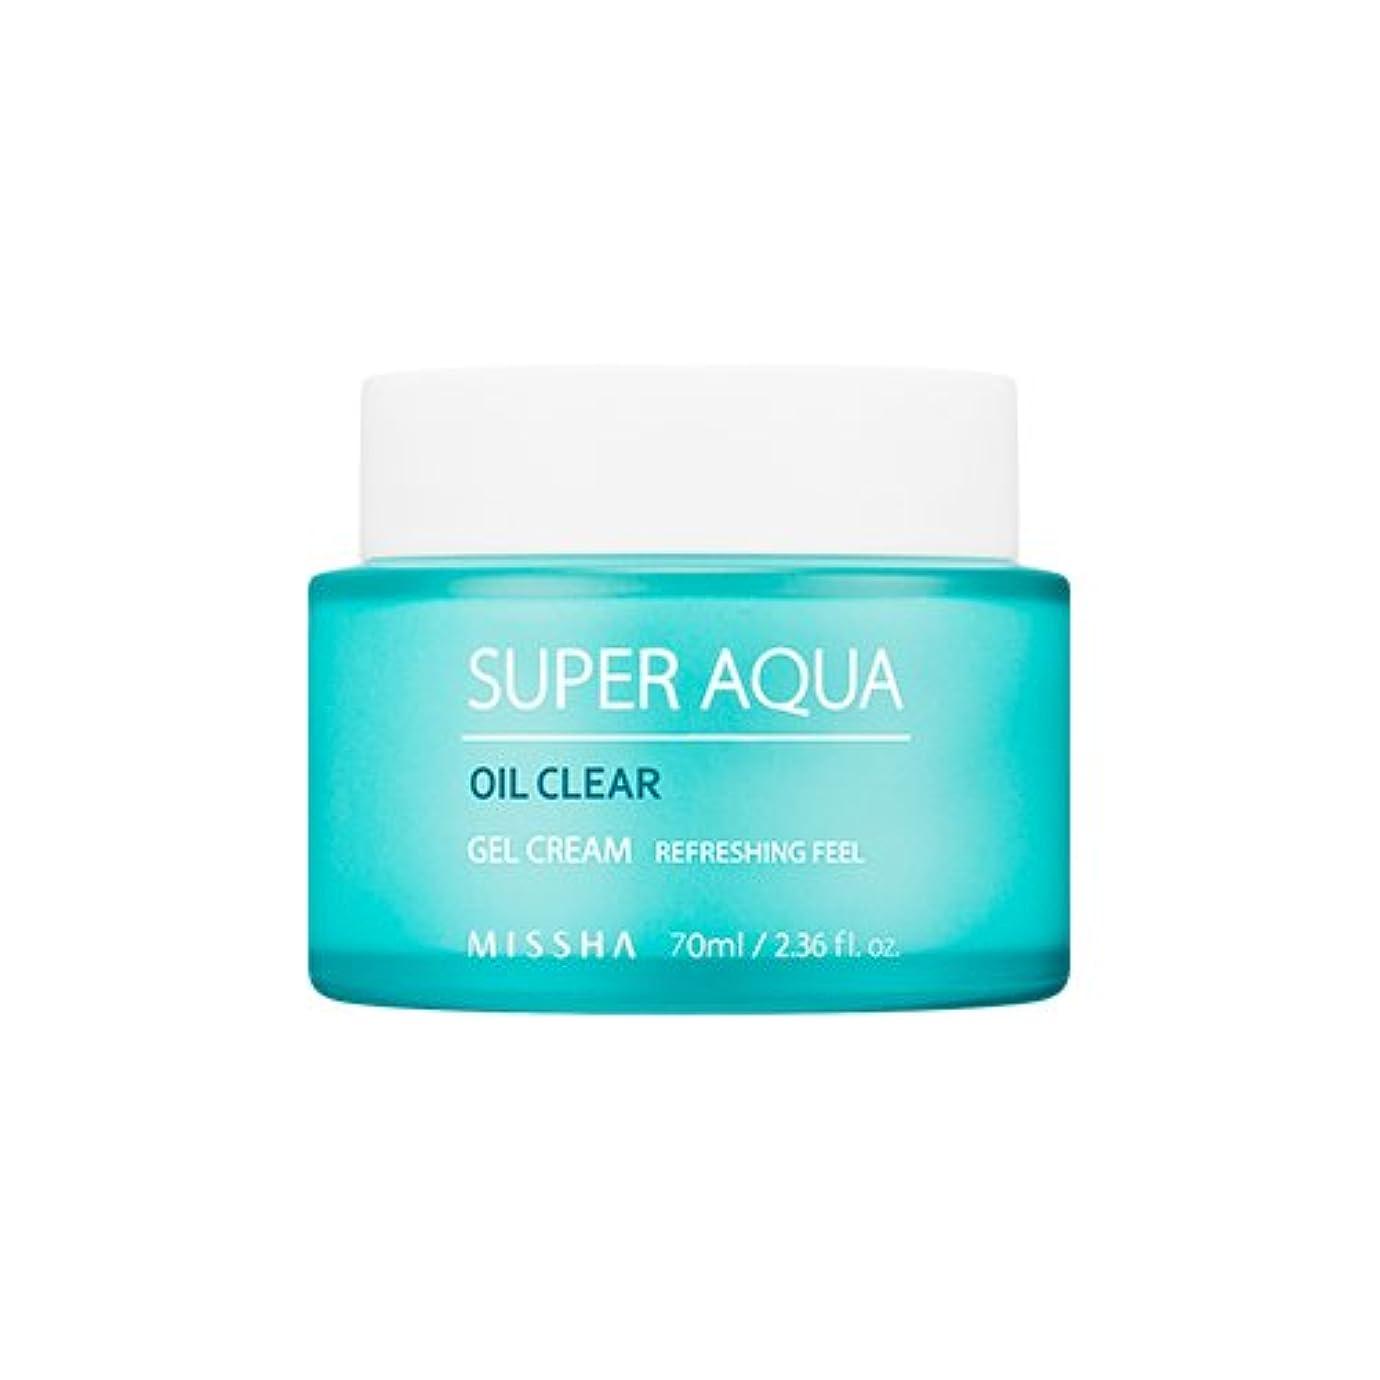 終了しました意外エンターテインメントMISSHA Super Aqua Oil Clear Gel Cream 70ml/ミシャ スーパー アクア オイル クリア ジェル クリーム 70ml [並行輸入品]